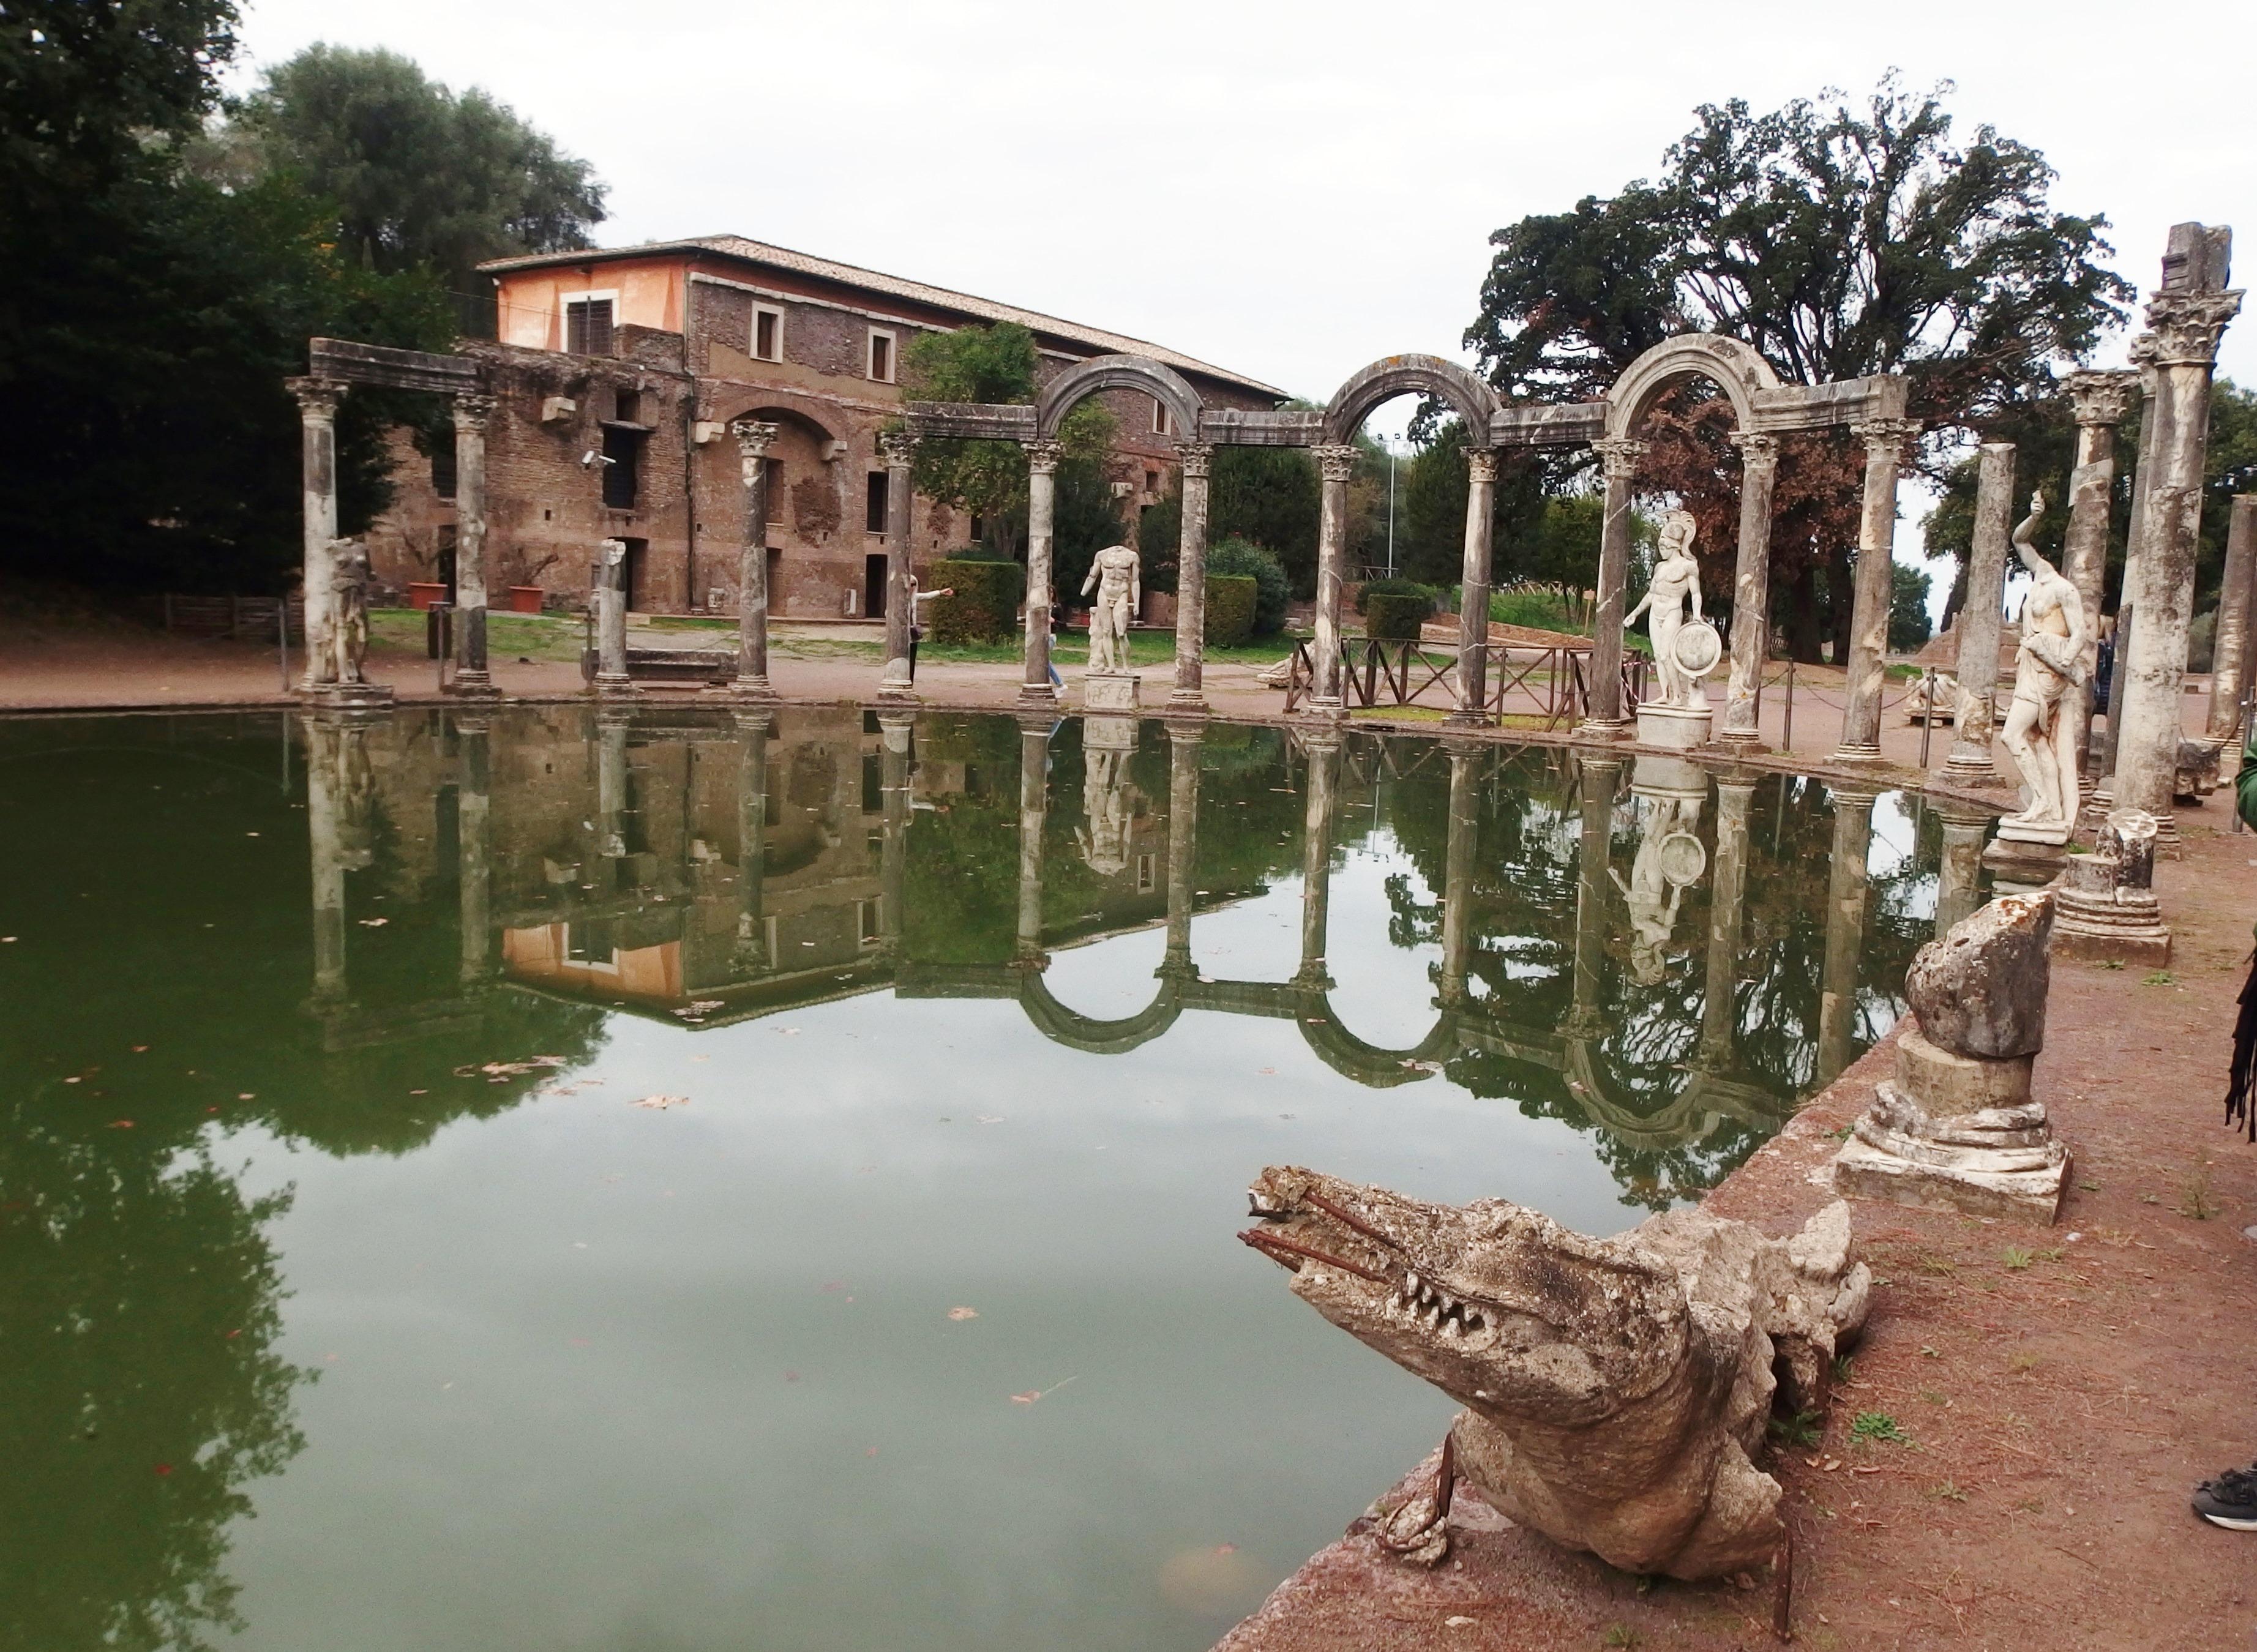 File:Tivoli, Villa Adriana, Canopo (07).jpg - Wikimedia Commons